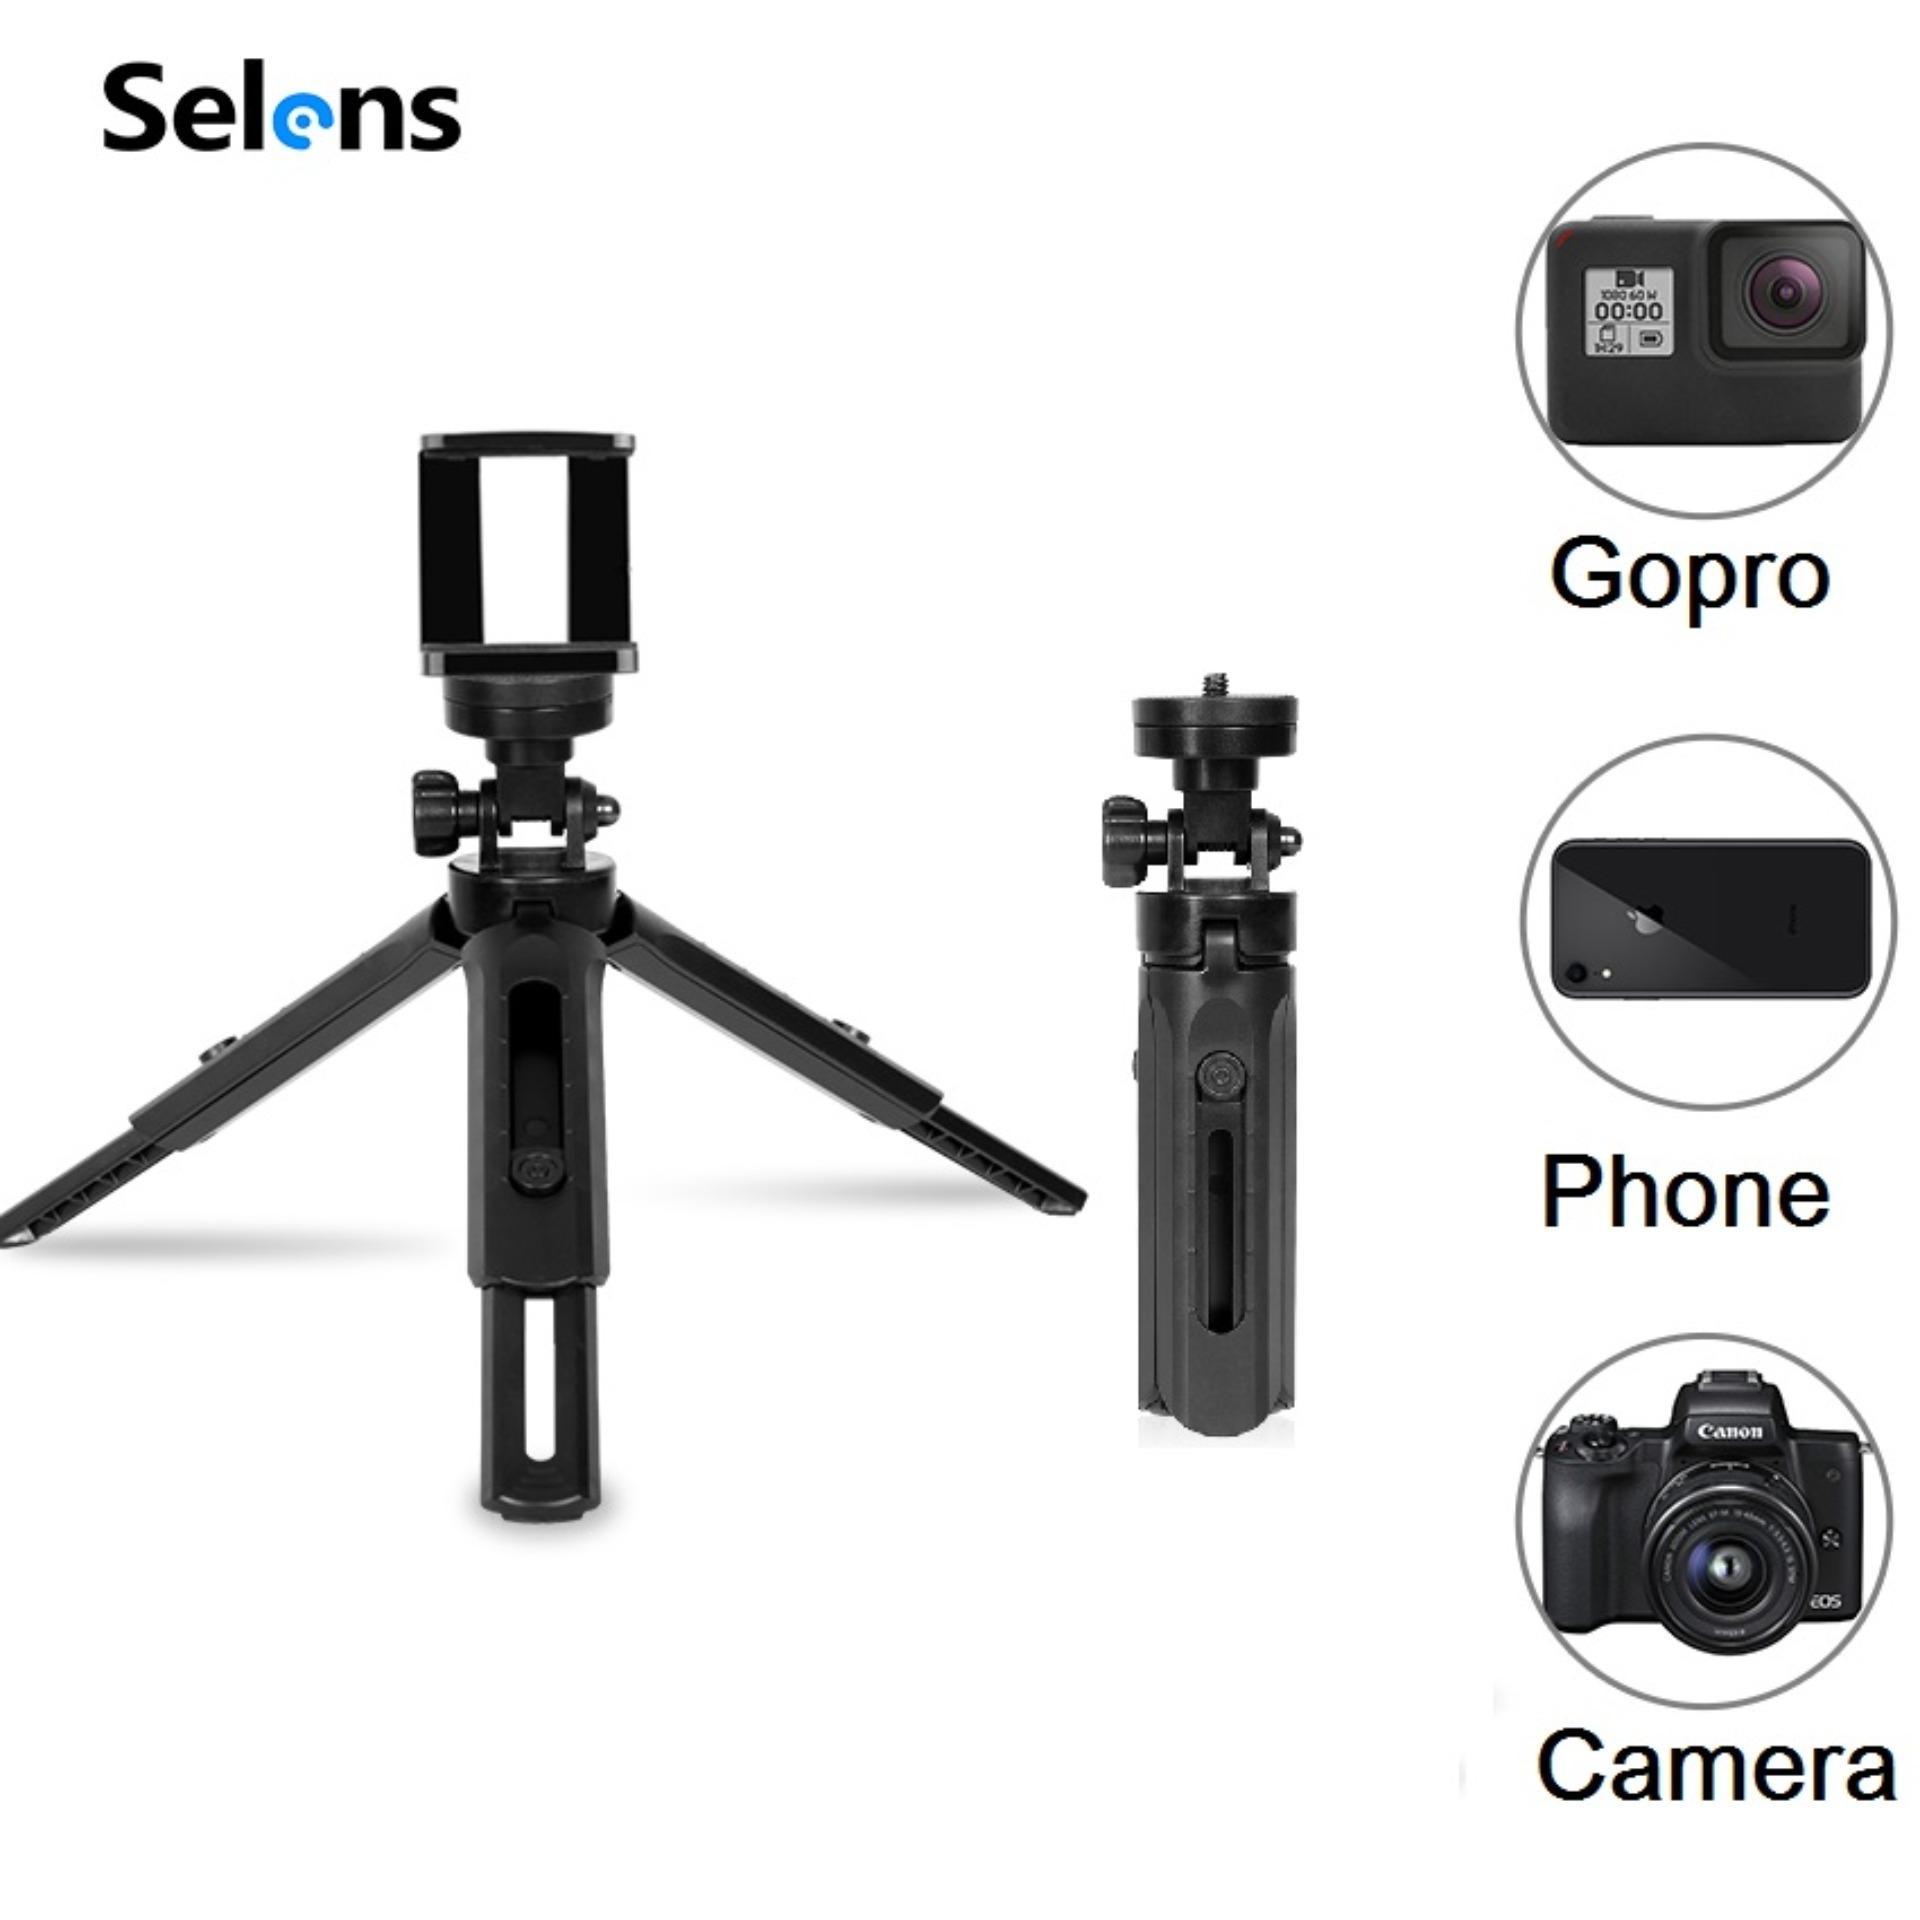 Mã Khuyến Mại tại Lazada cho Selens Chân Máy Mini Gấp Gọn PortableTable Đứng Cầm Ổn Định Cho Máy Ảnh Kỹ Thuật Gimble Stabilizer Số DSLR Máy Vlog Selfie Video Kẹp Điện Thoại Cho Chân Máy Ảnh Điện Thoại Di Động Đèn Led